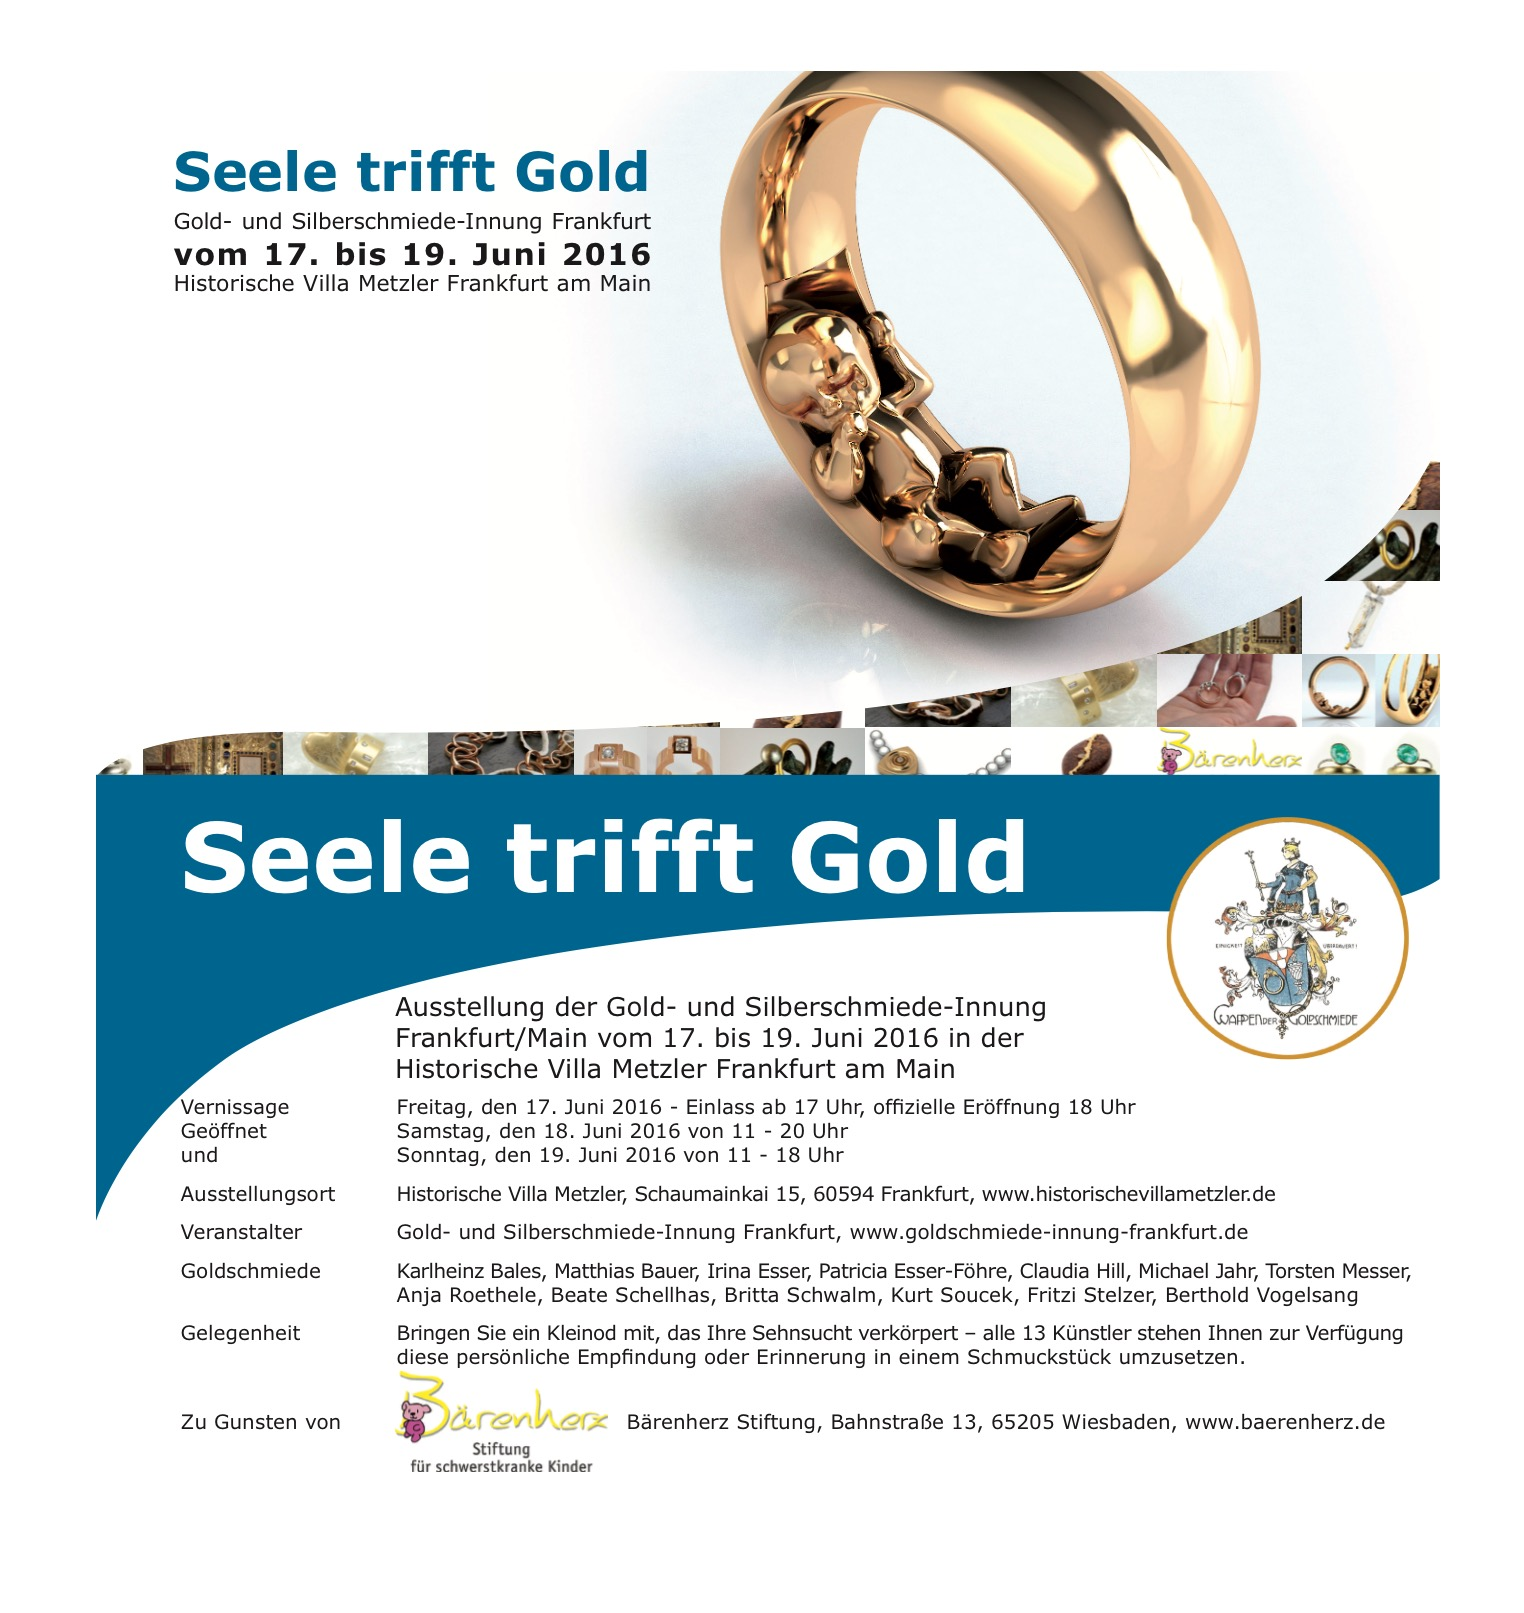 Seele trifft Gold Einladung